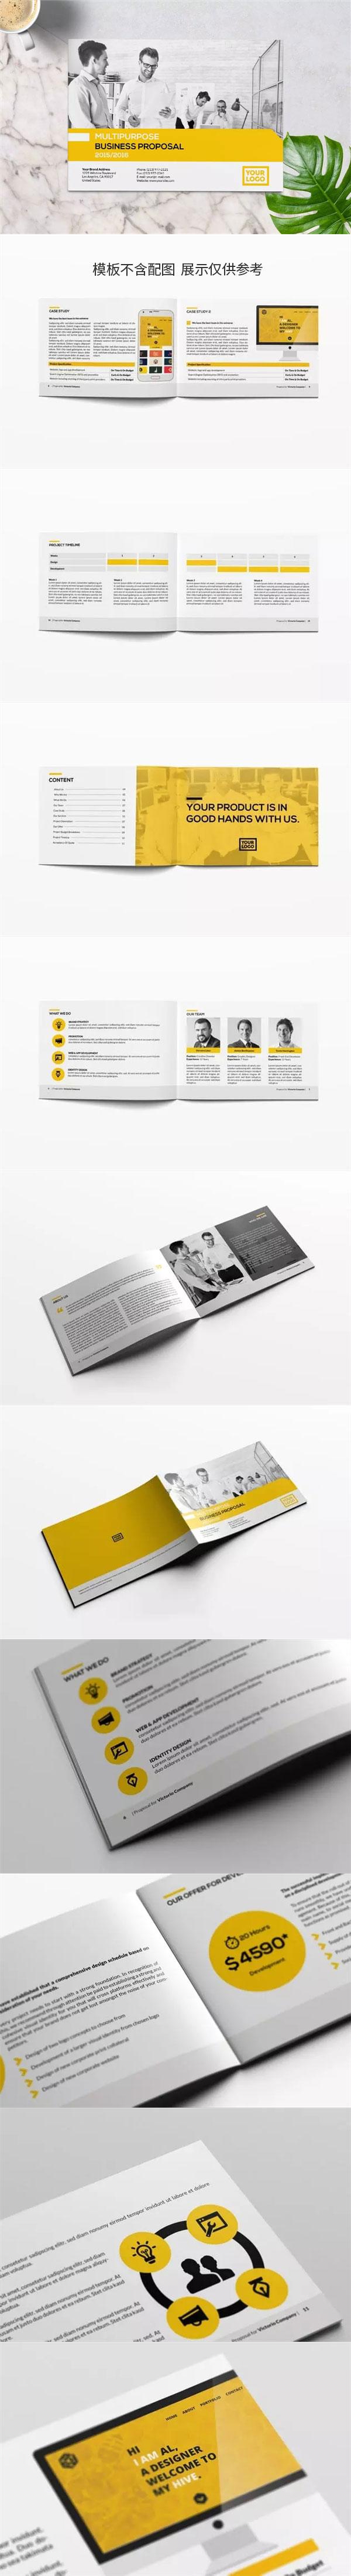 横板企业画册